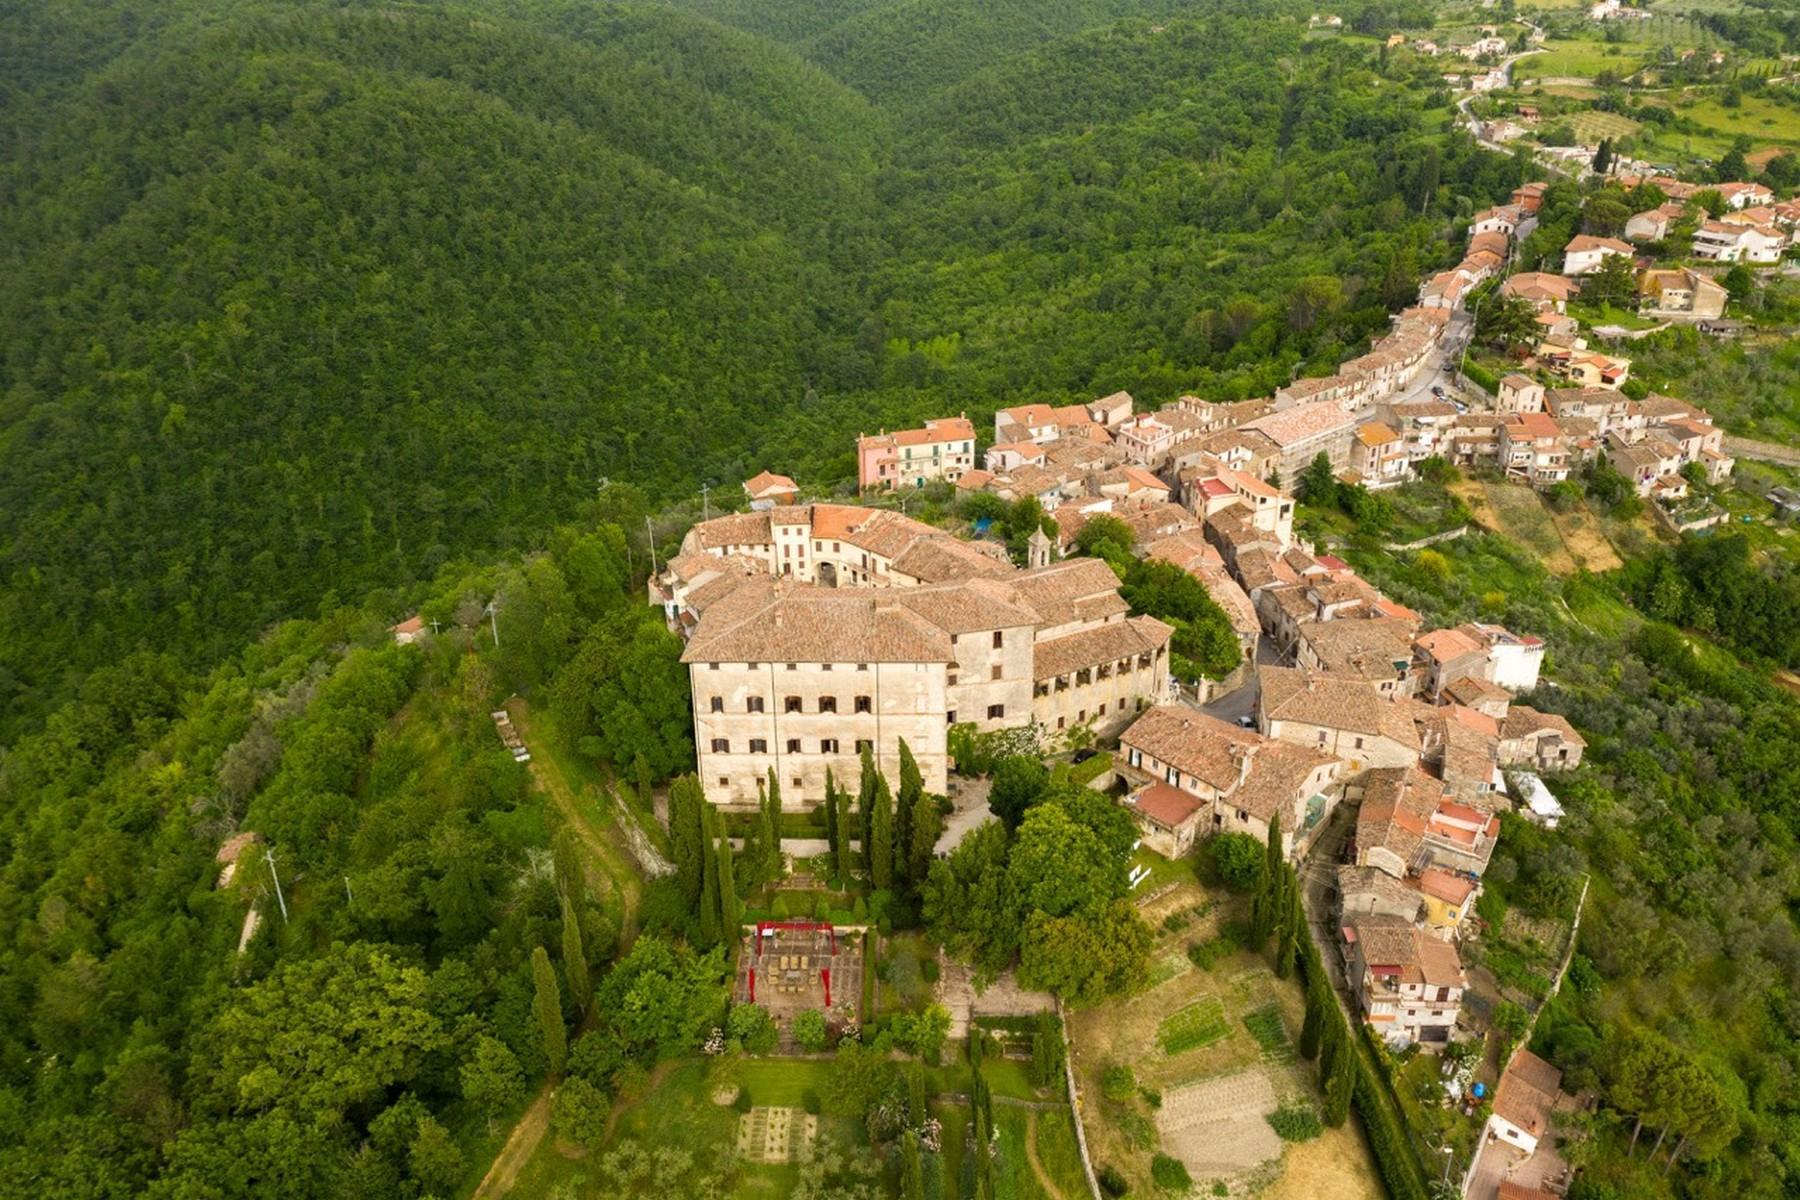 中世纪村庄Oliveto山顶上的雄壮宫殿 - 1